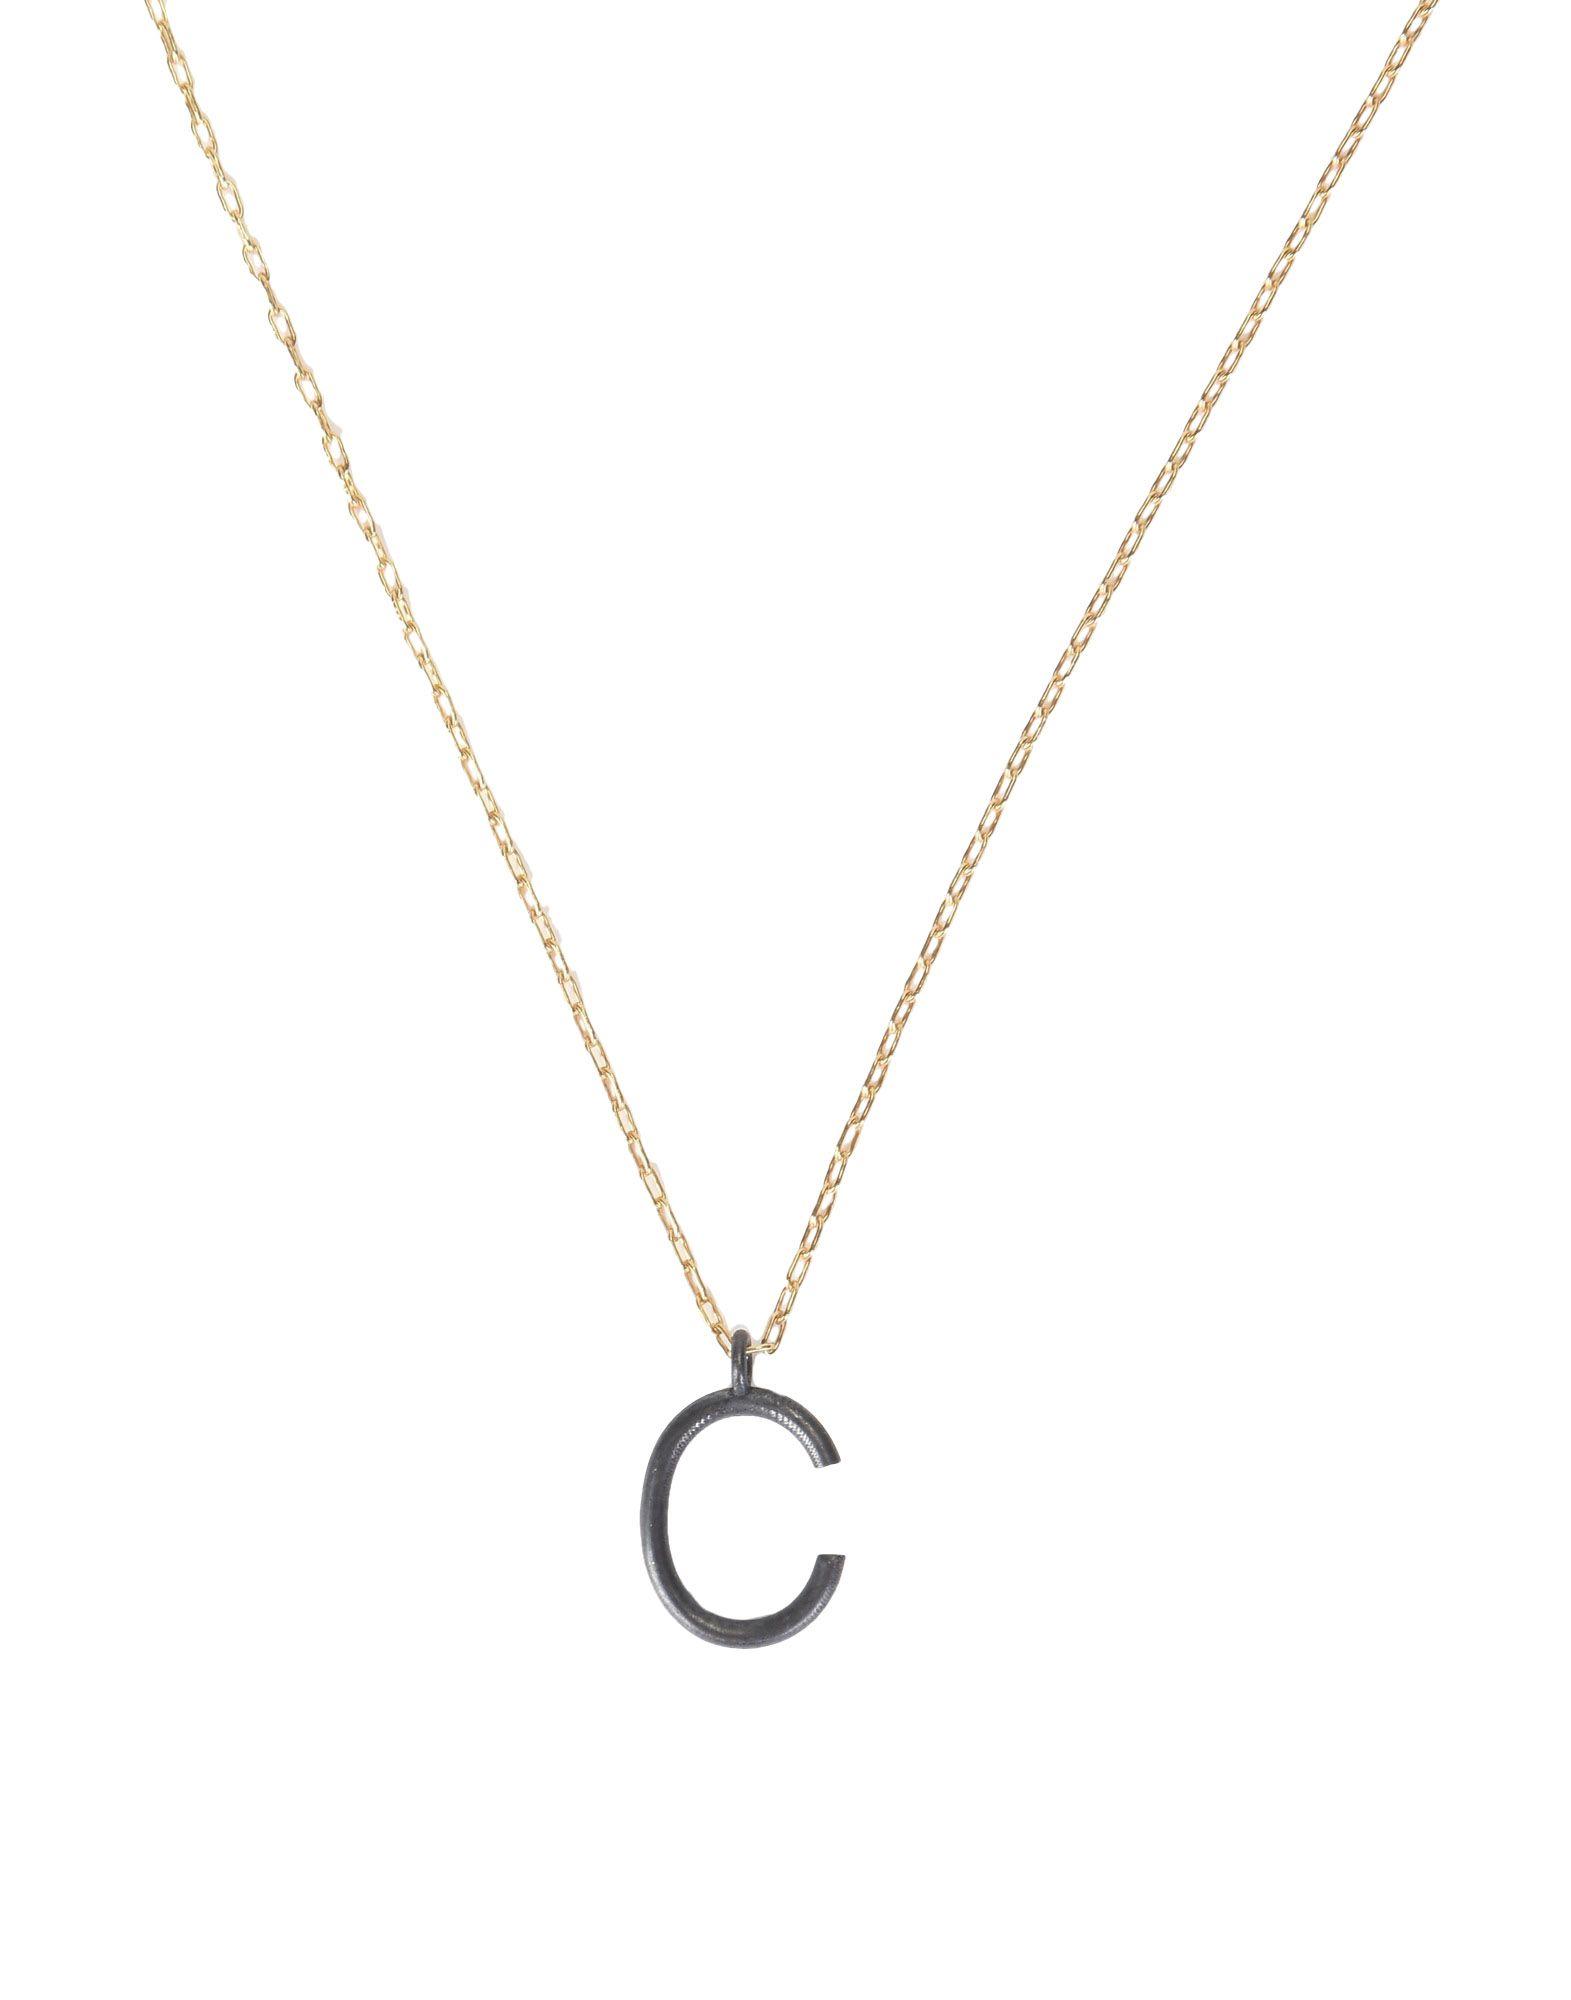 《セール開催中》FIRST PEOPLE FIRST レディース ネックレス ゴールド シルバー925/1000 Letter Pendent Necklace